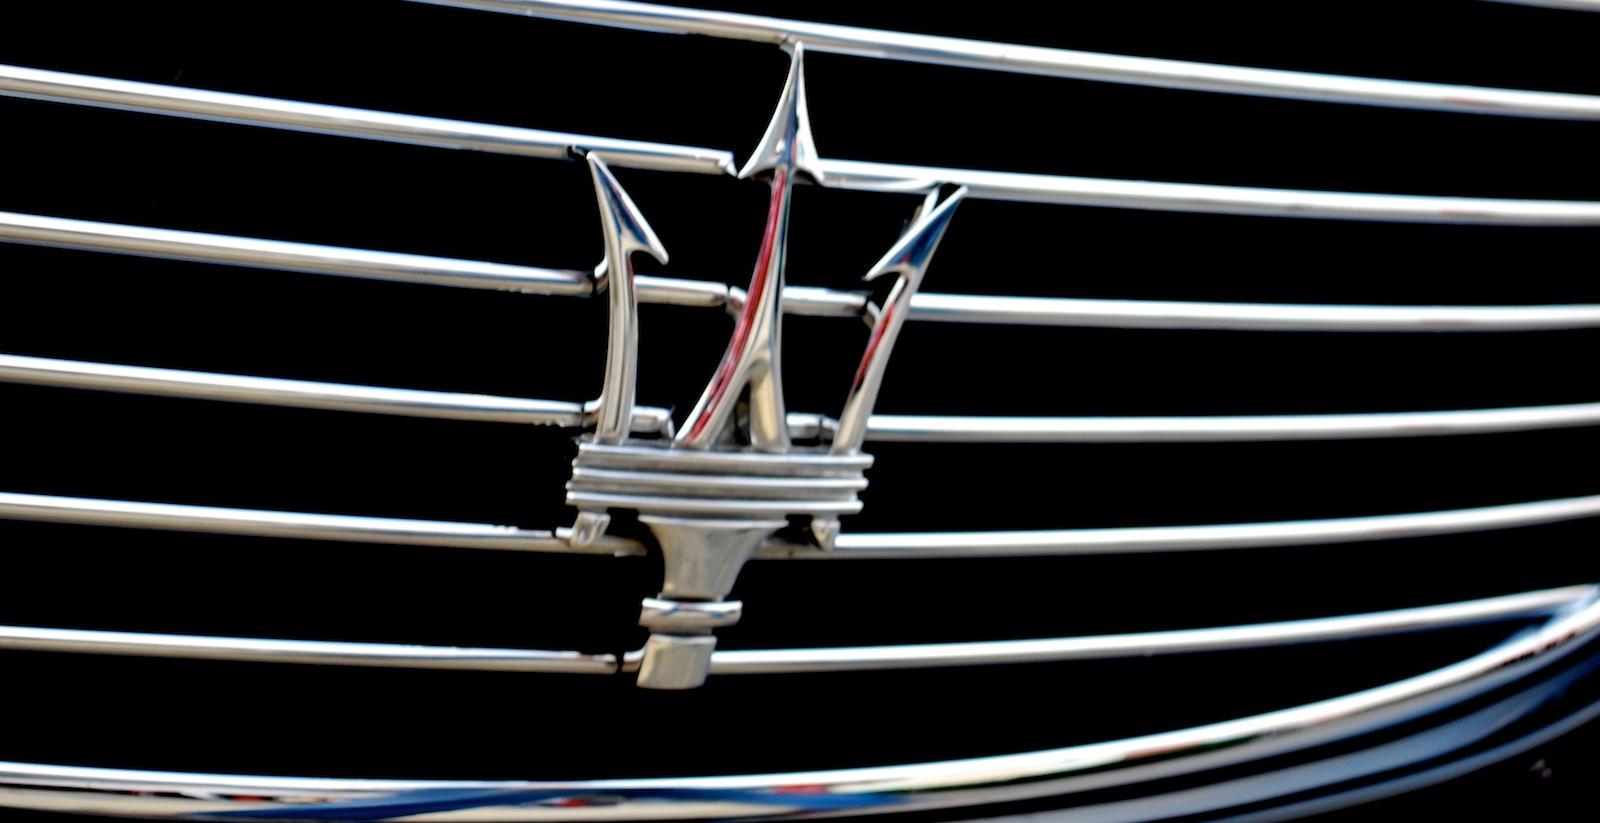 Maserati Trident (Photo: Ángel Álvarez/ Flickr)